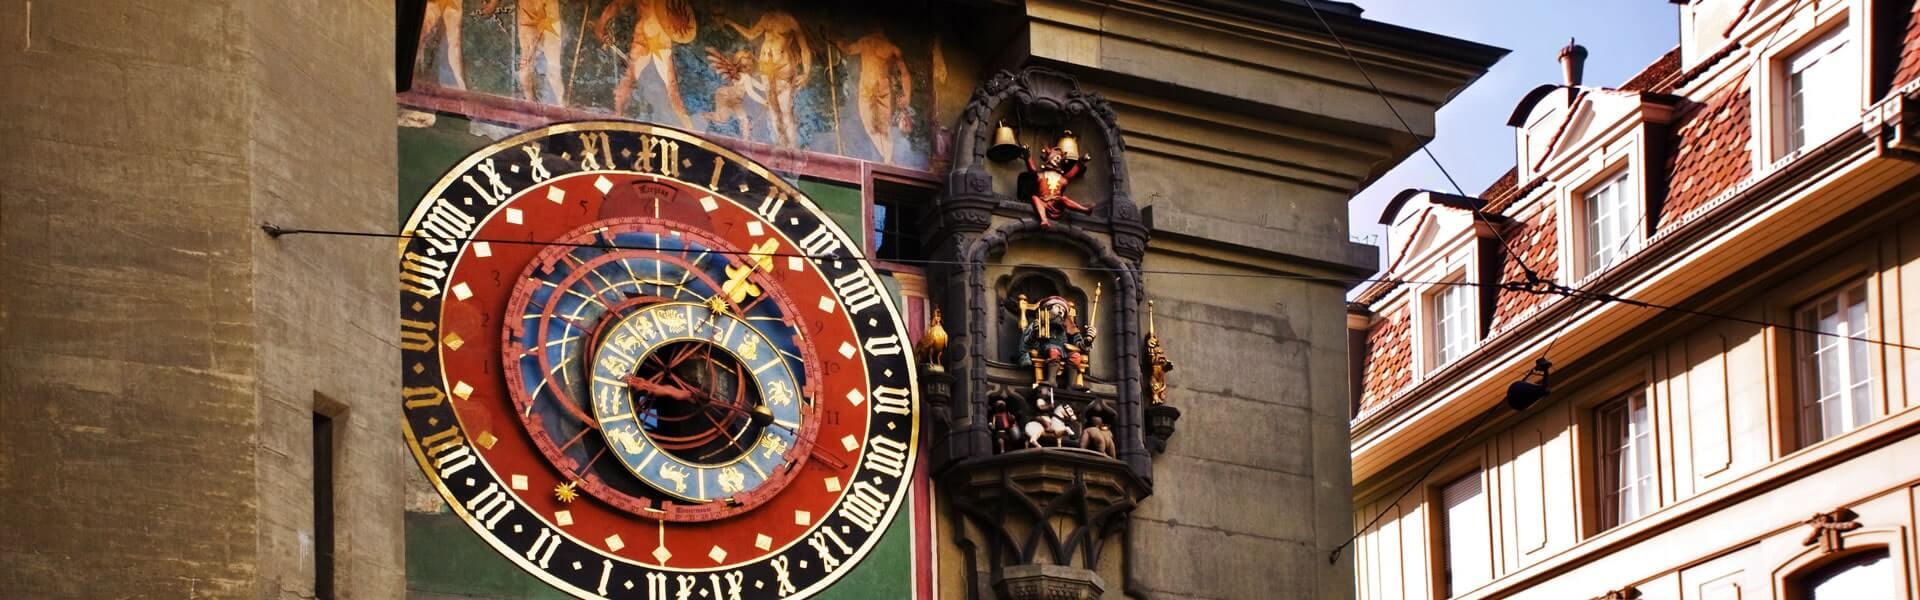 Der Uhrenturm von Bern in der Schweiz bei einer Incentive Reise aus nächster Nähe sehen